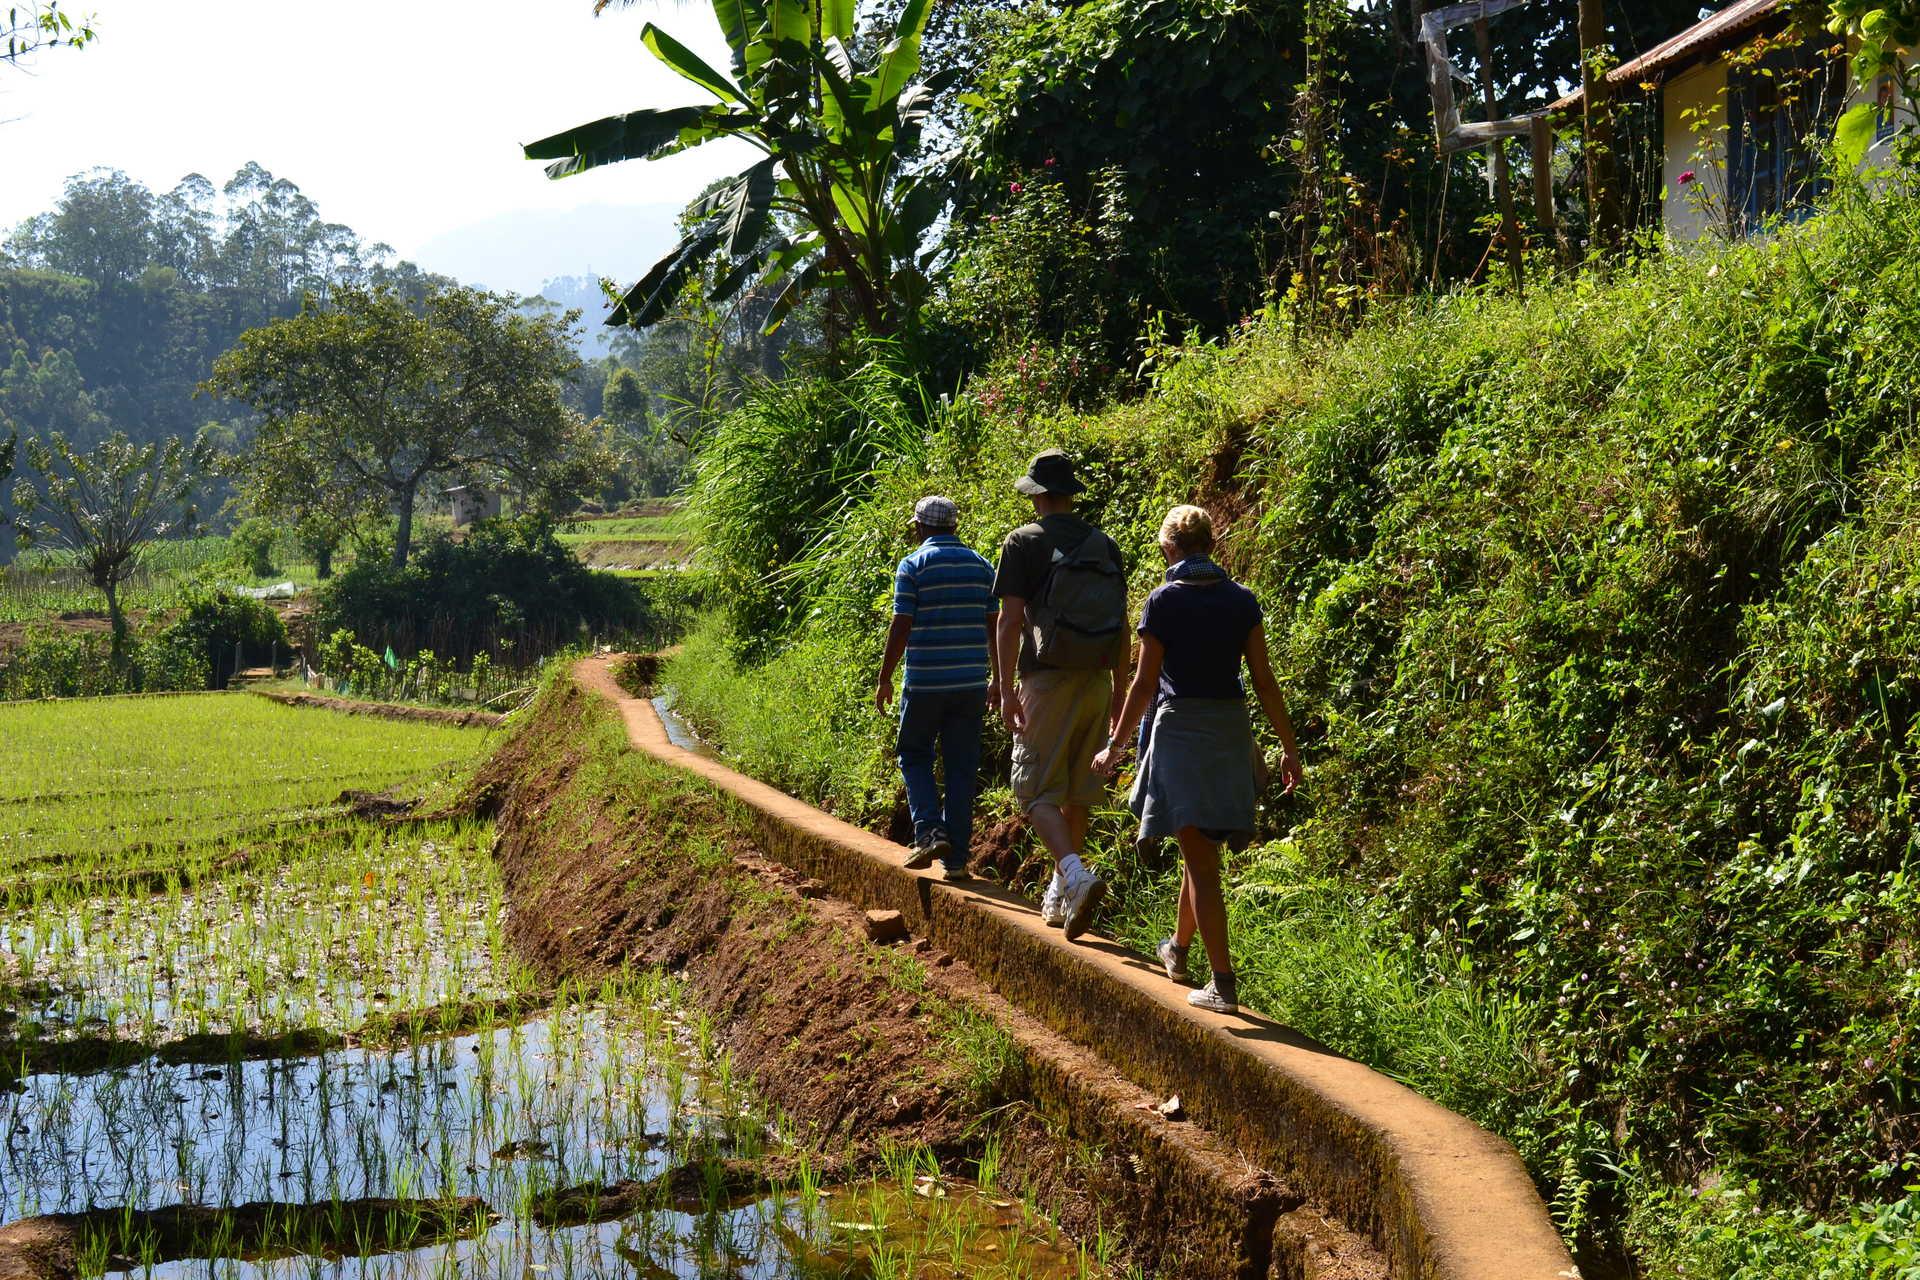 randonnée-dans-les-rizières-Sri-Lanka